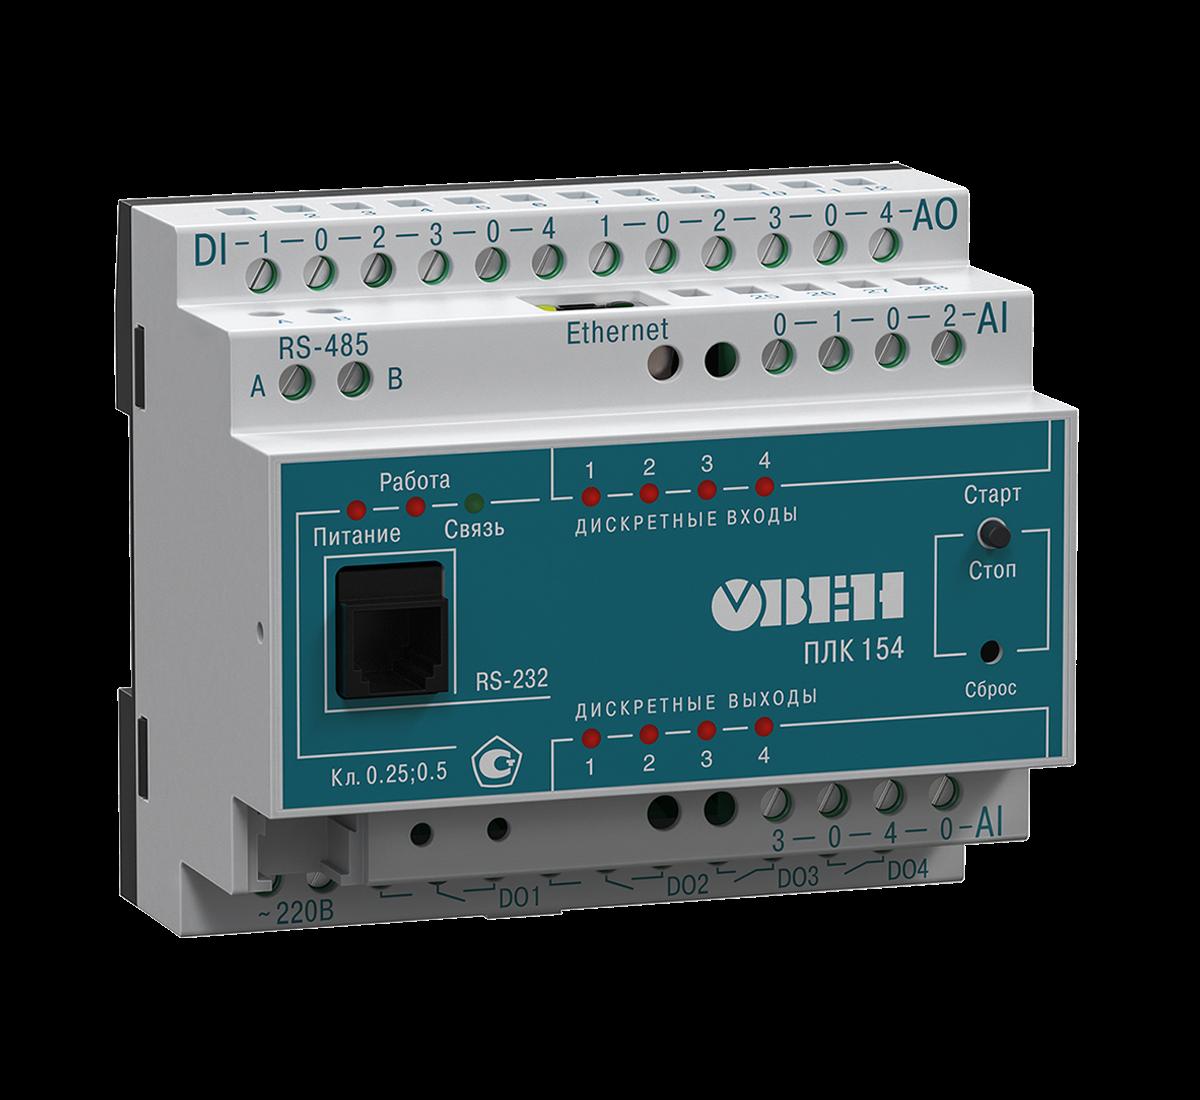 ПЛК154 контроллер для малых систем автоматизации с AI/DI/DO/AO